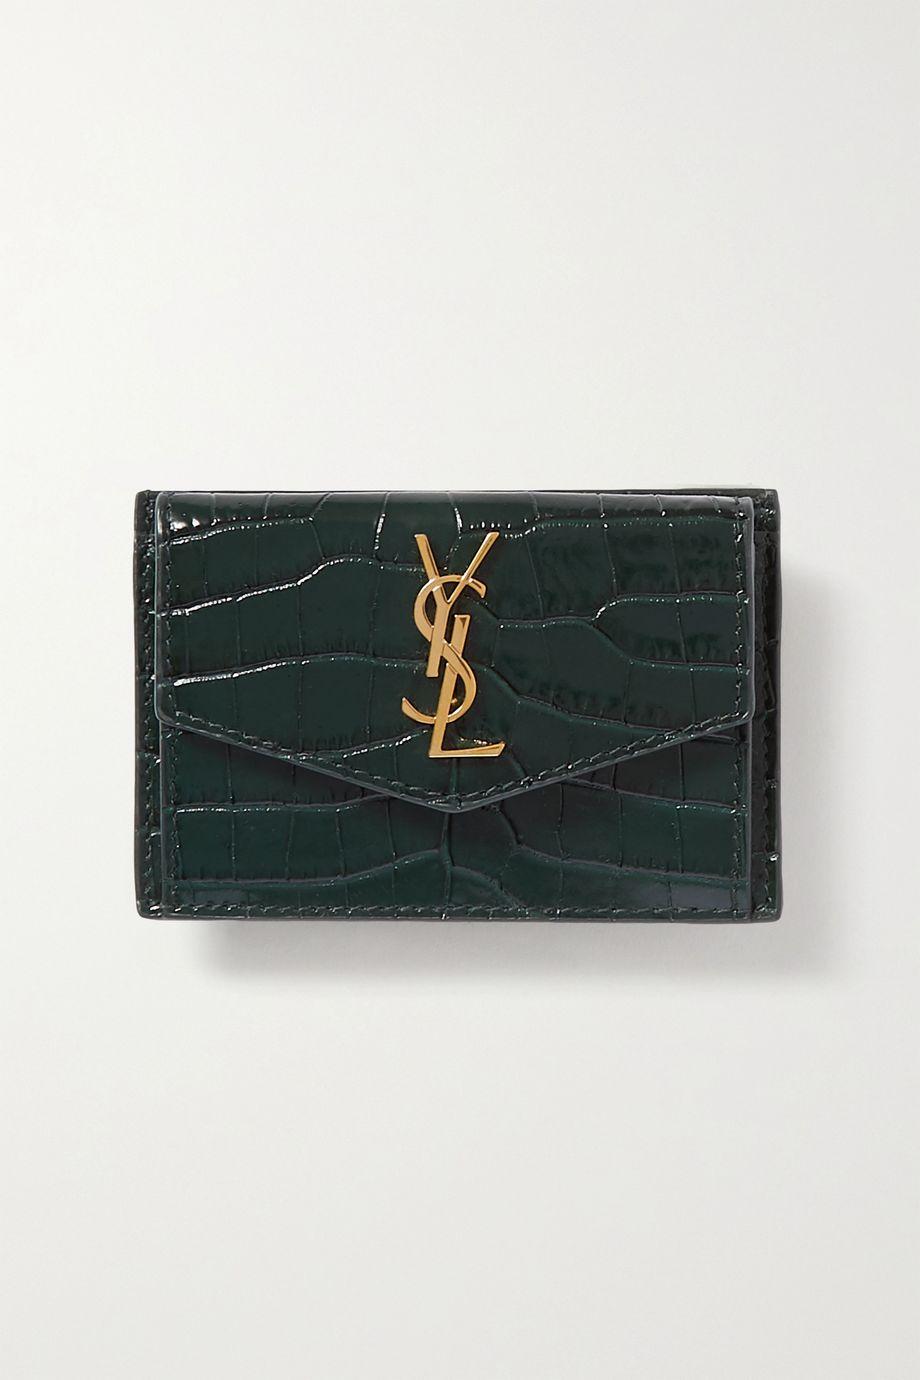 SAINT LAURENT Uptown croc-effect leather cardholder